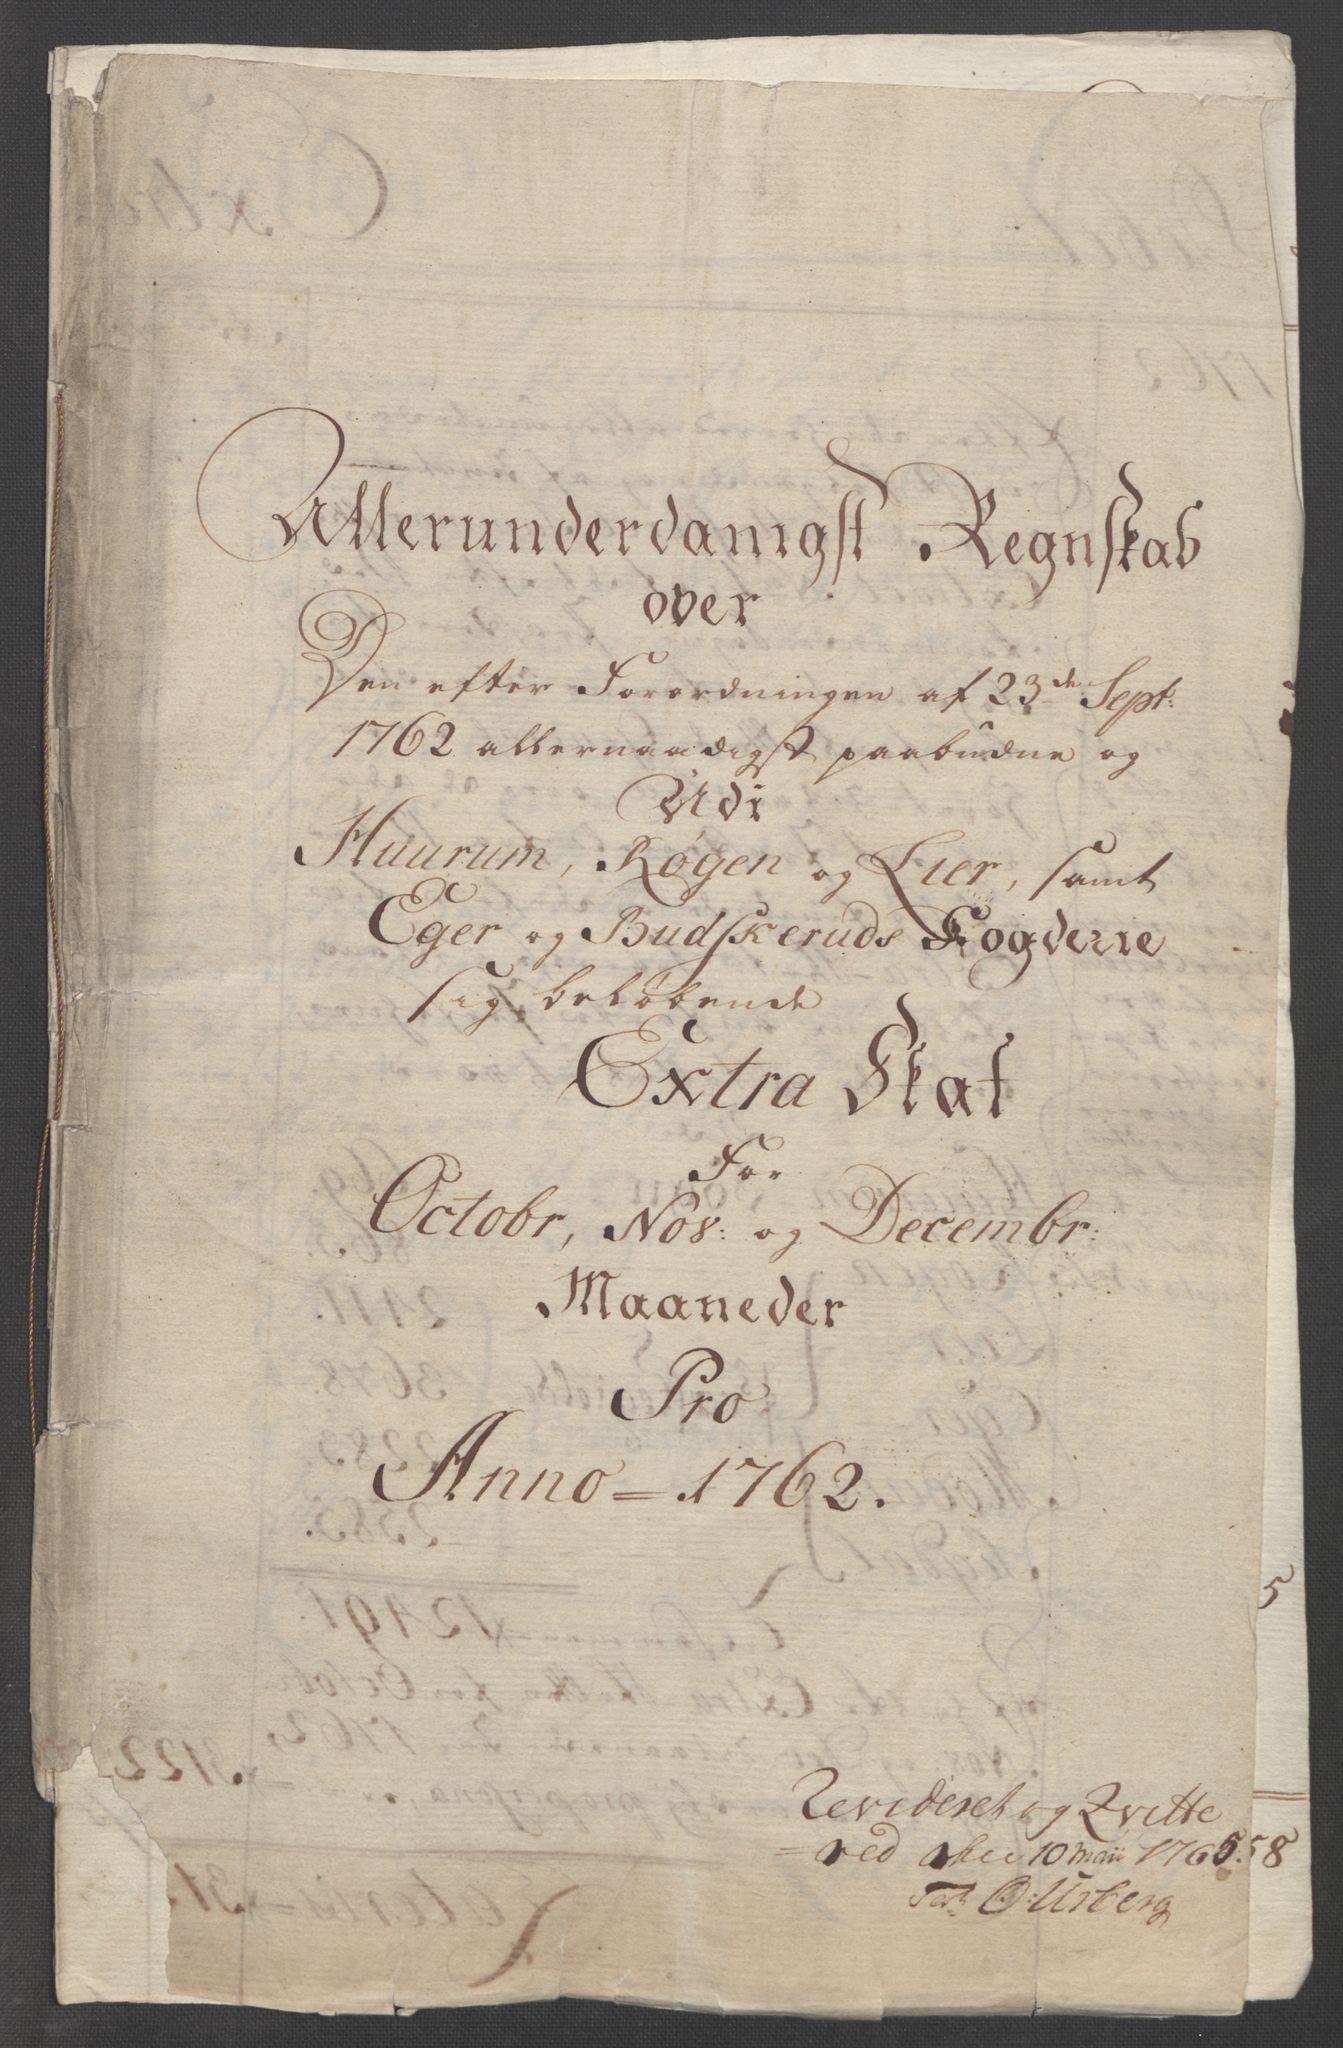 RA, Rentekammeret inntil 1814, Reviderte regnskaper, Fogderegnskap, R31/L1833: Ekstraskatten Hurum, Røyken, Eiker, Lier og Buskerud, 1762-1764, s. 5